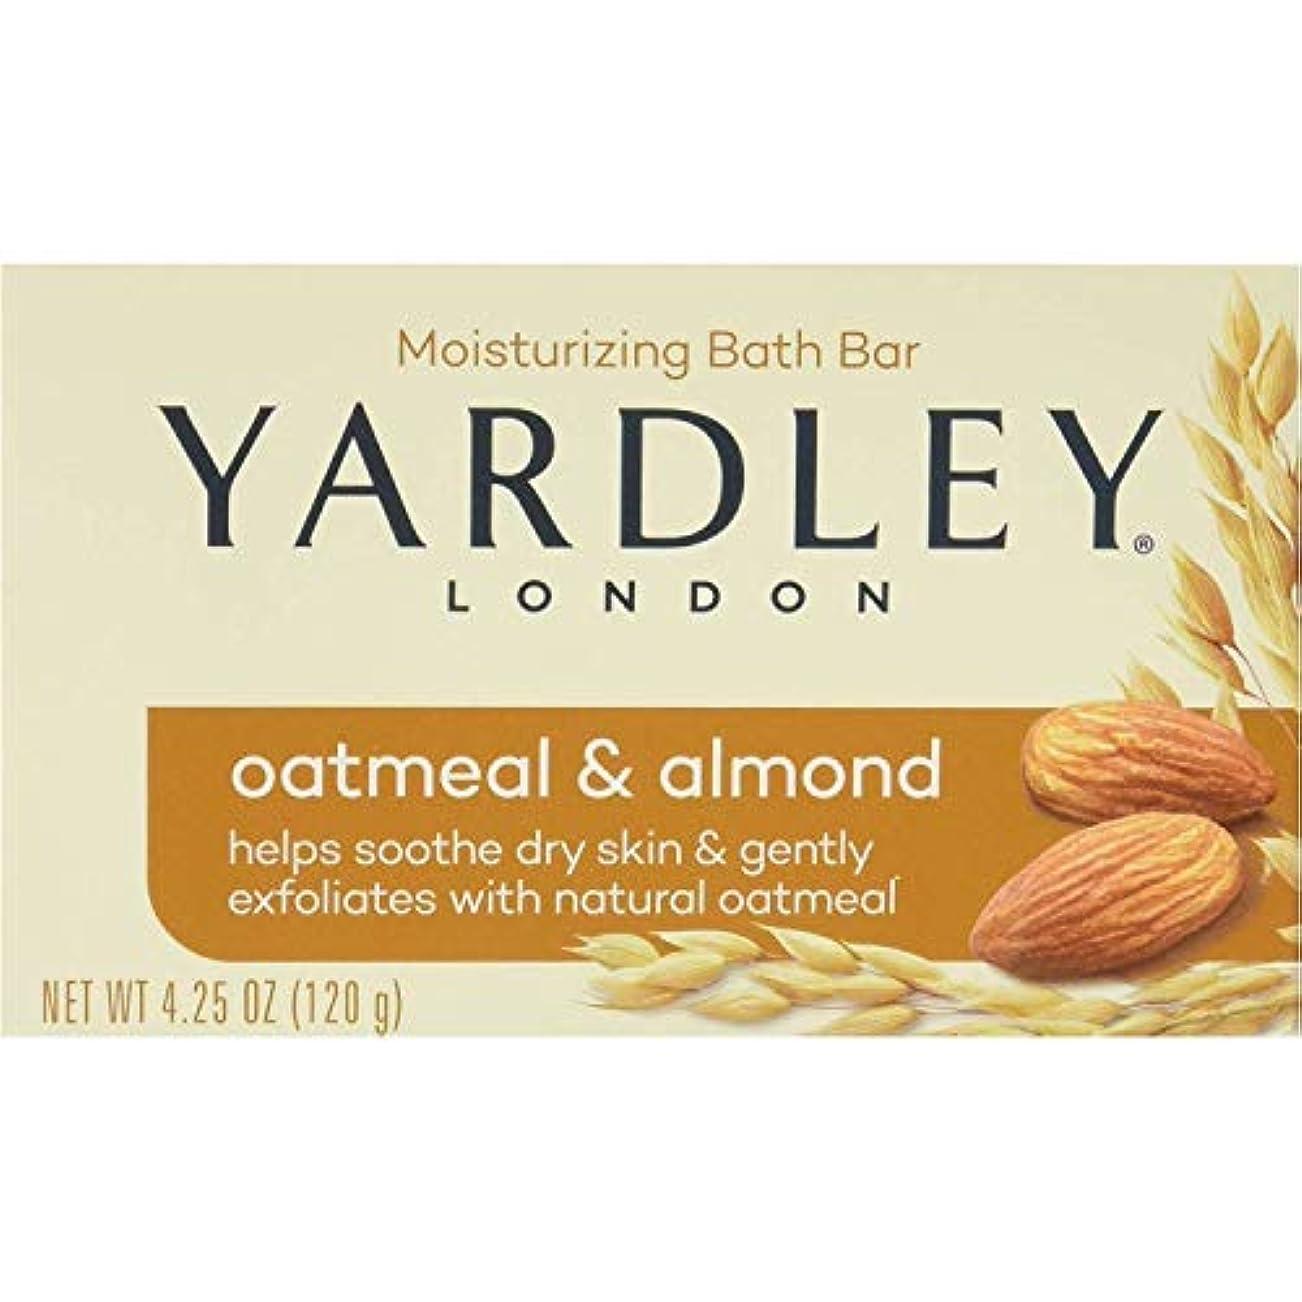 協会閃光風Yardley オートミールとアーモンド石鹸、4.25オズ。 20本のバー